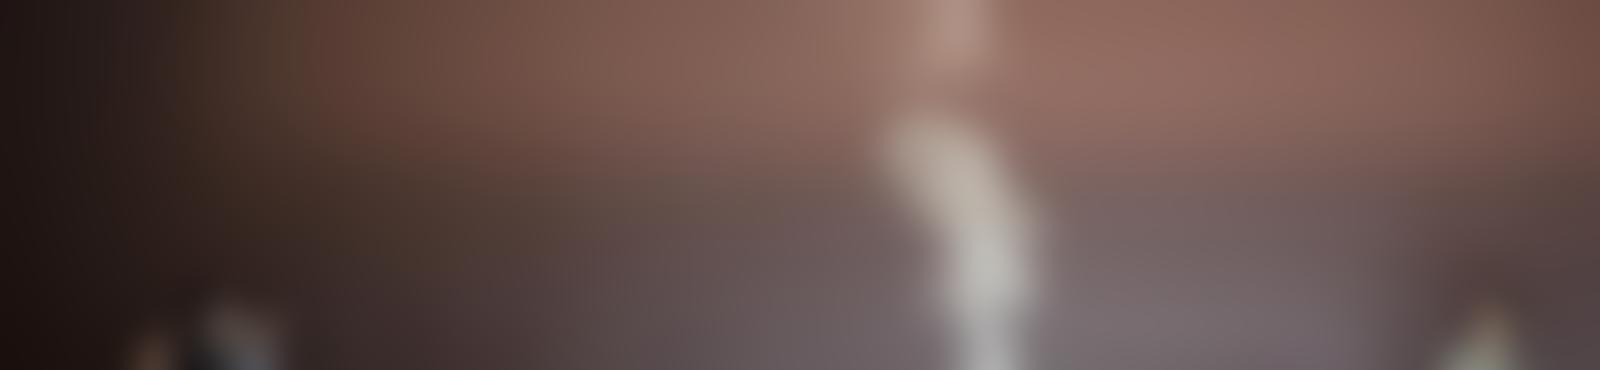 Blurred 927f07c9 62d2 458a b3c0 4a0296f645b8